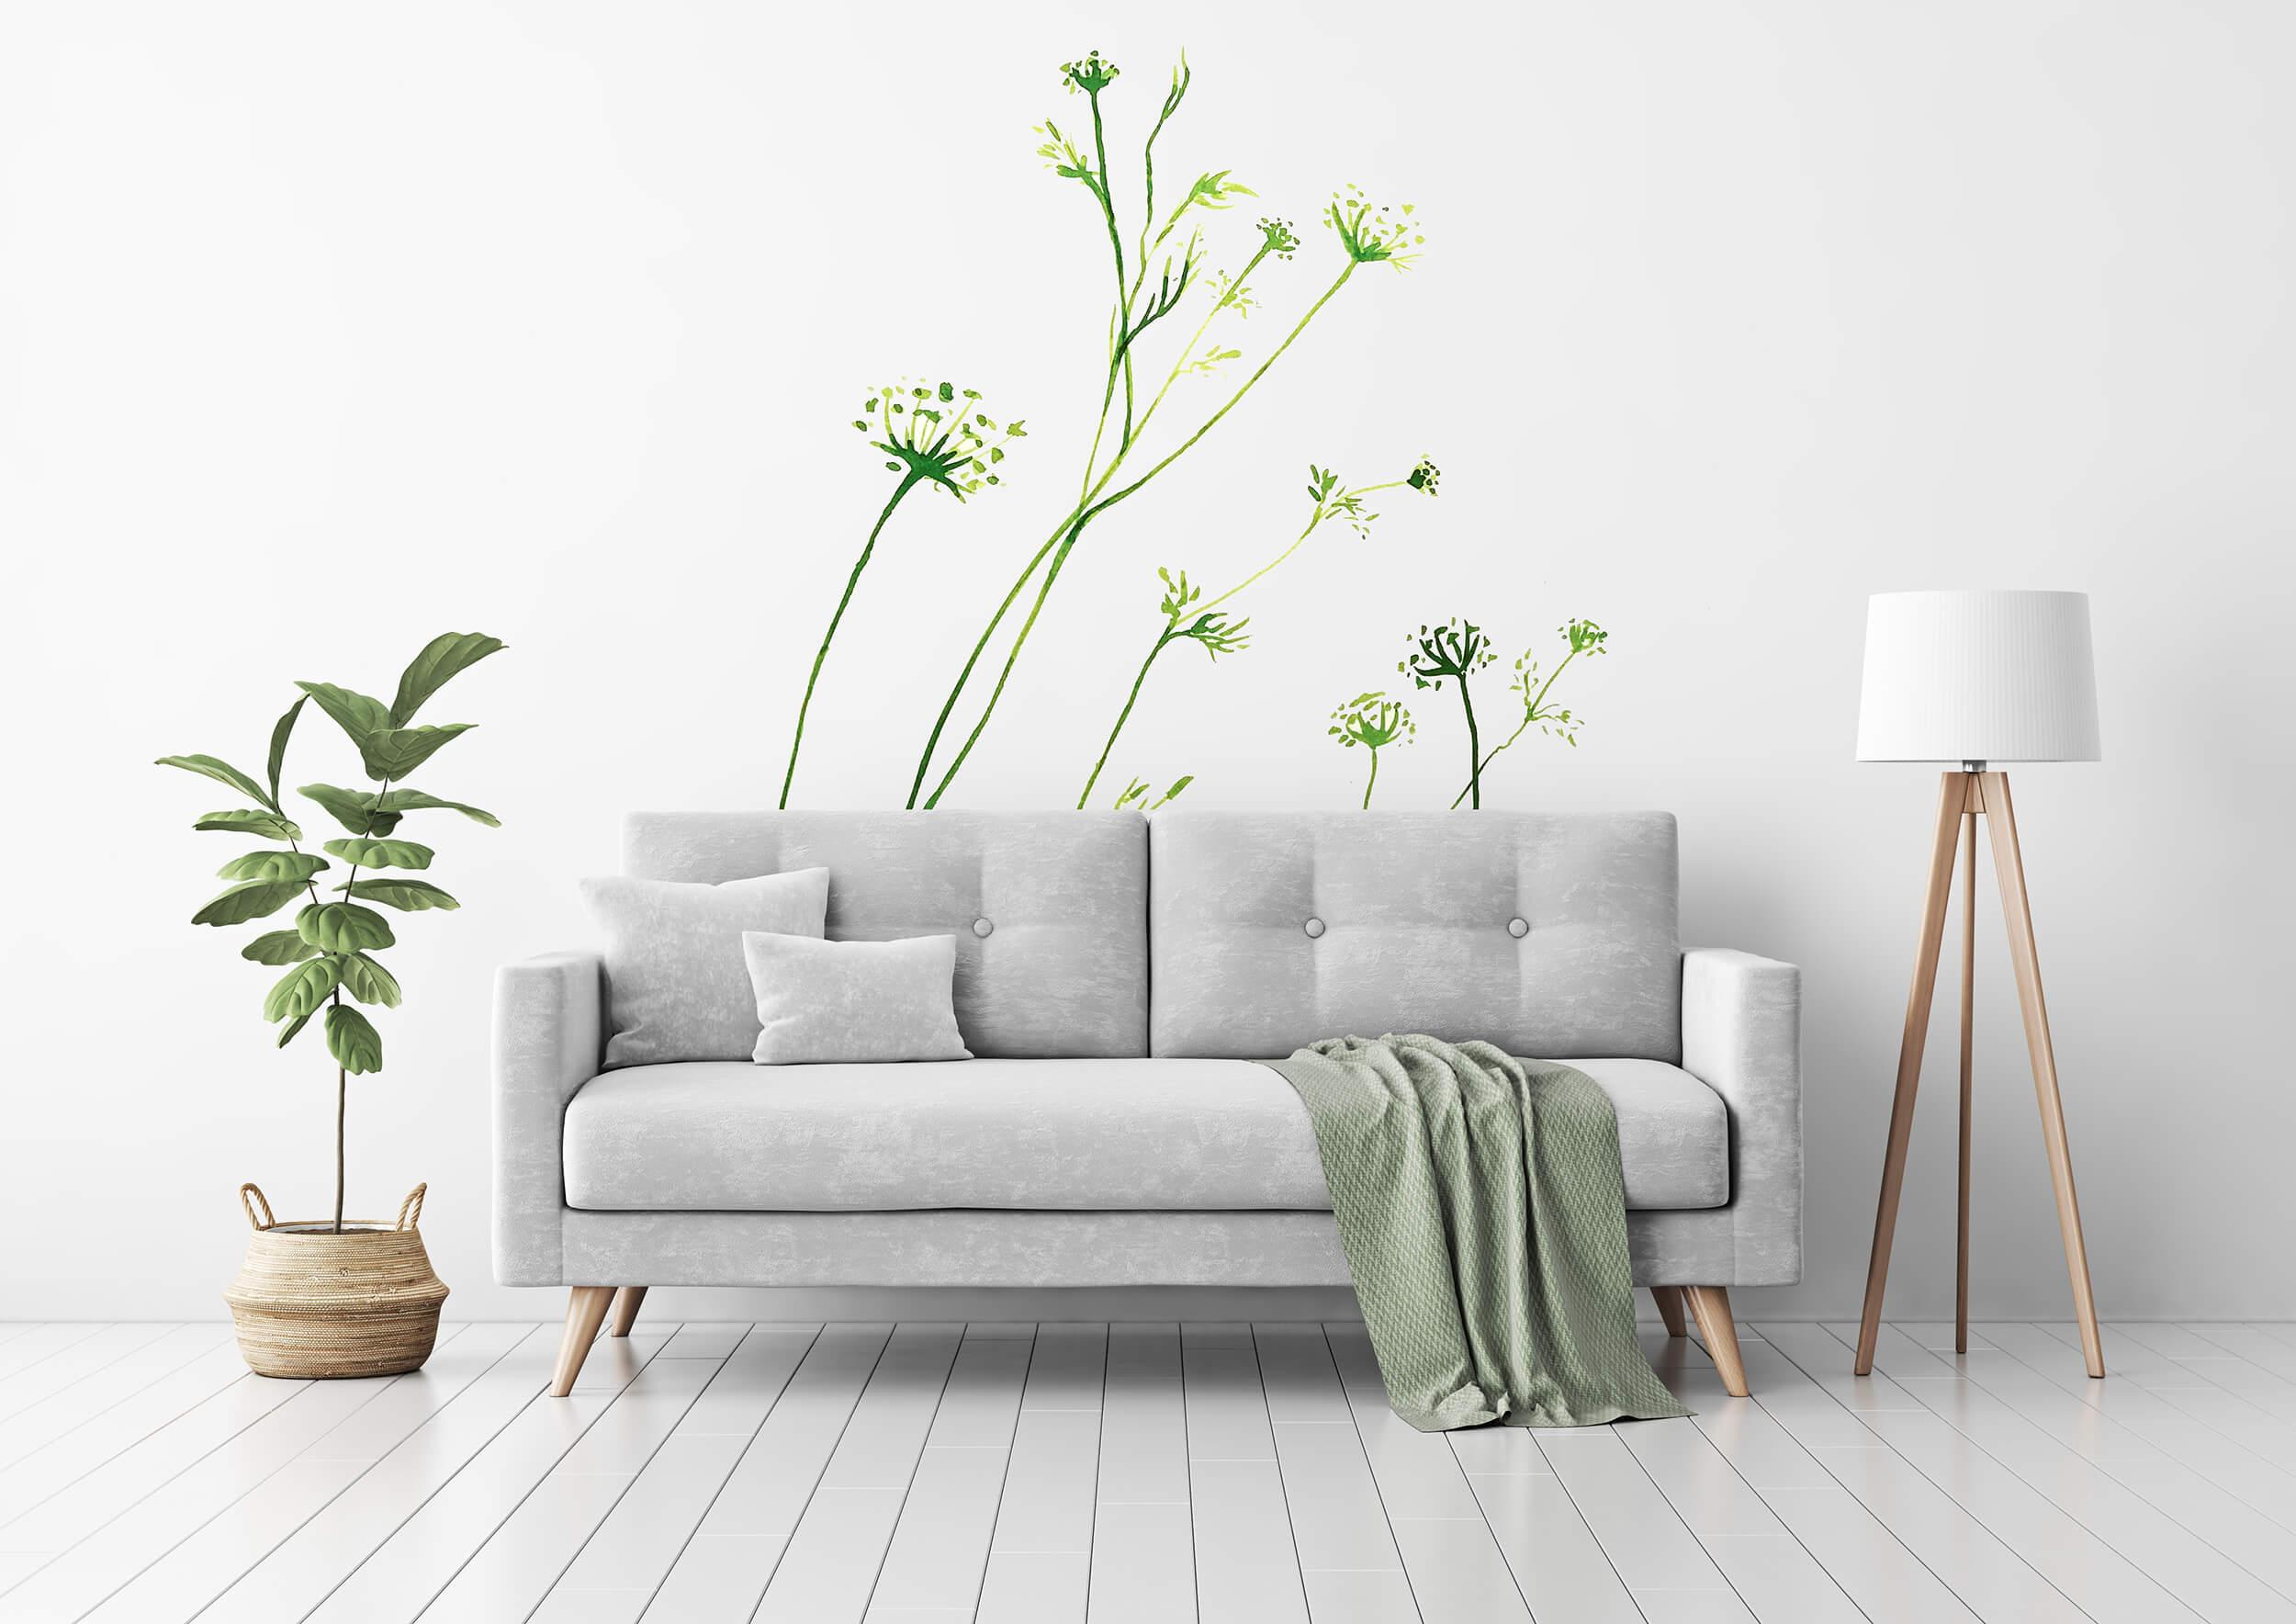 Fototapeta botaniczna, zielona